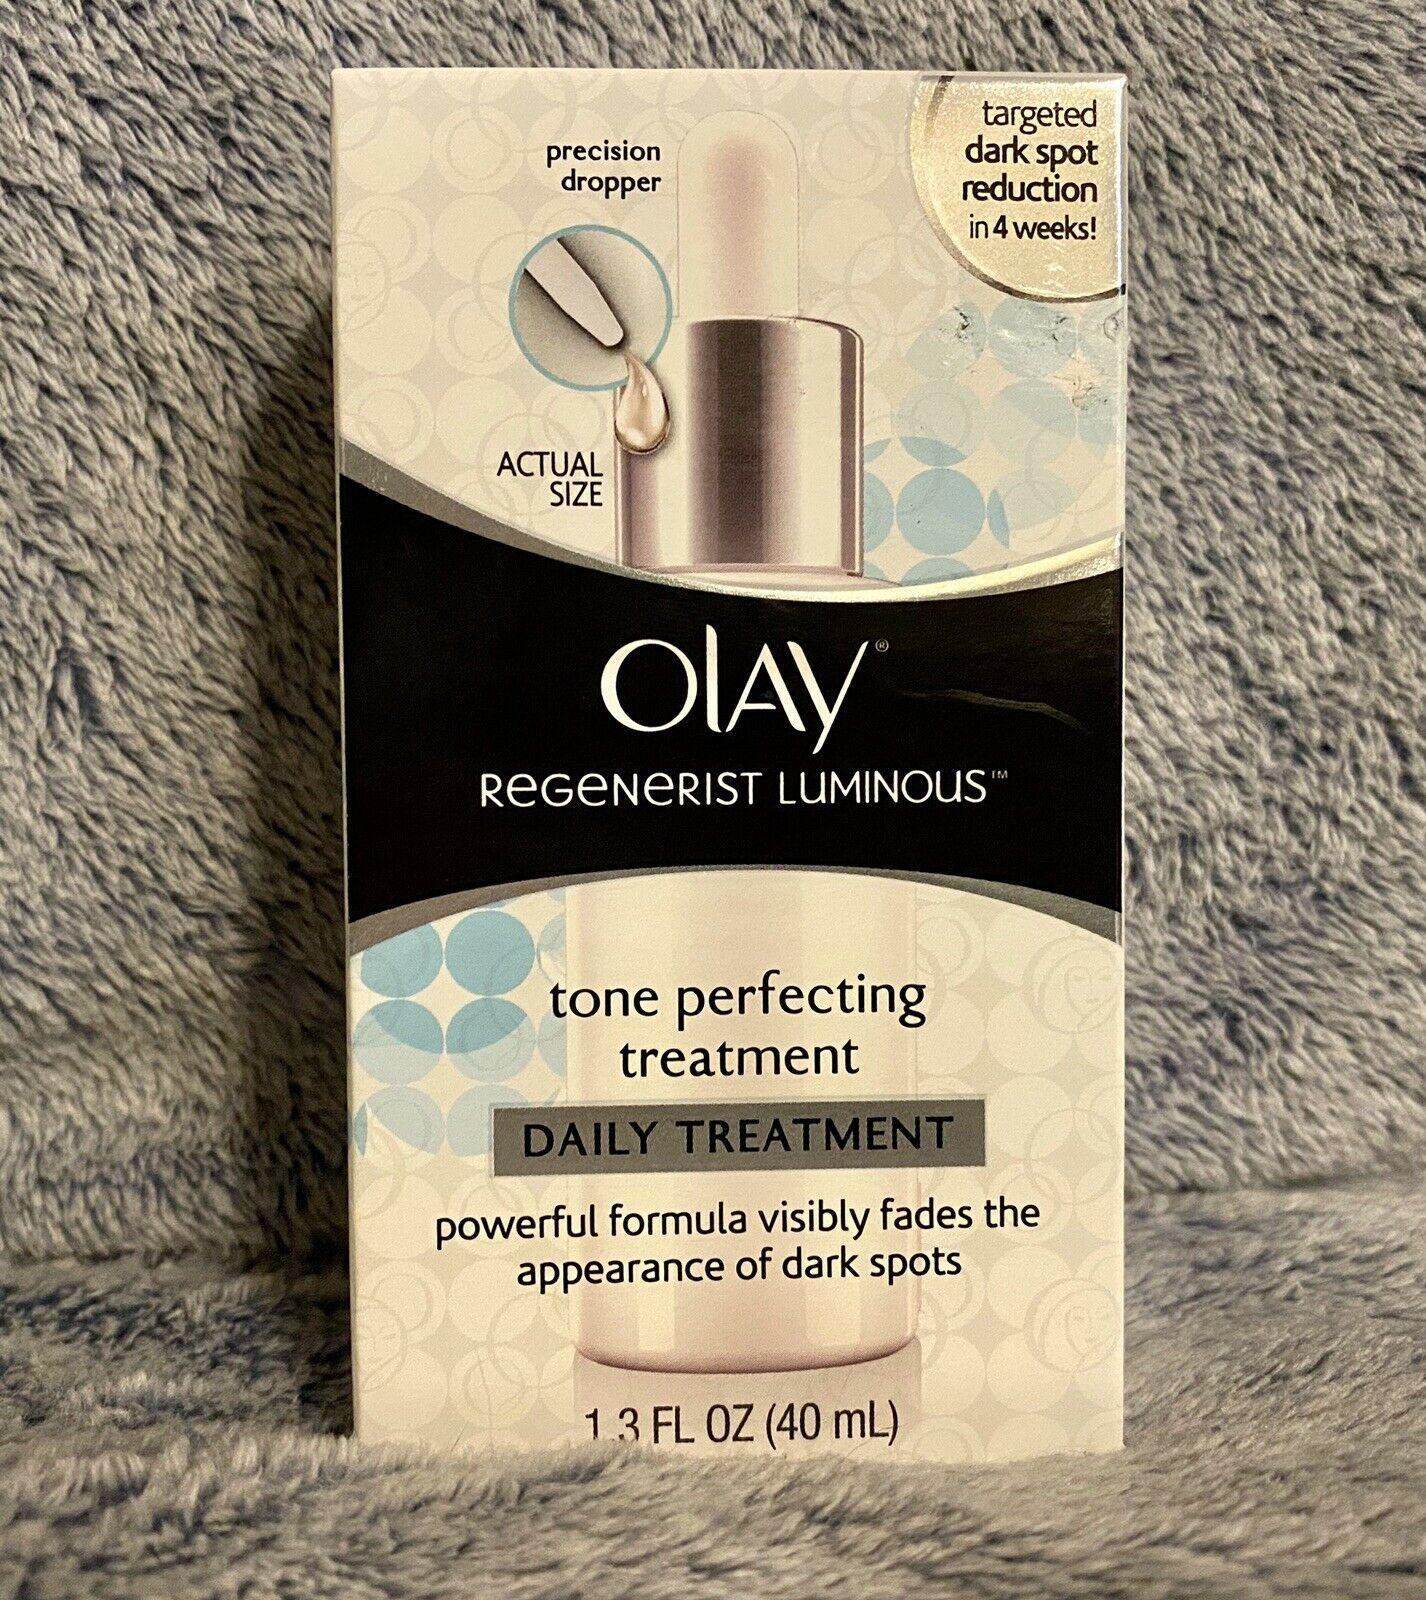 Olay Regenerist Luminous Tone Perfecting Daily Treatment 1.3oz  Dark Spot Fade - $46.99